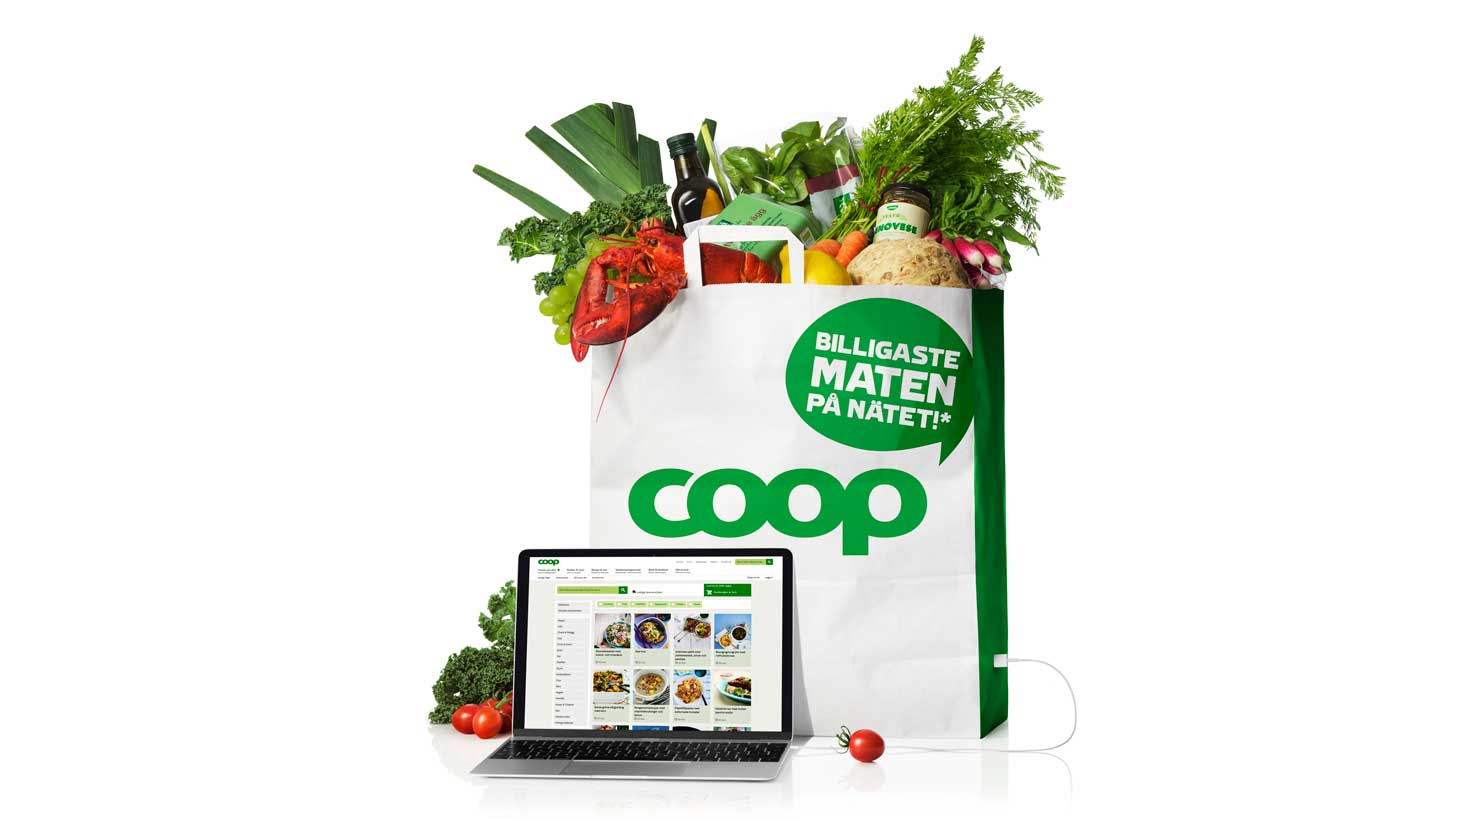 Enklare och billigare näthandel när Coop släpper Smartkassen